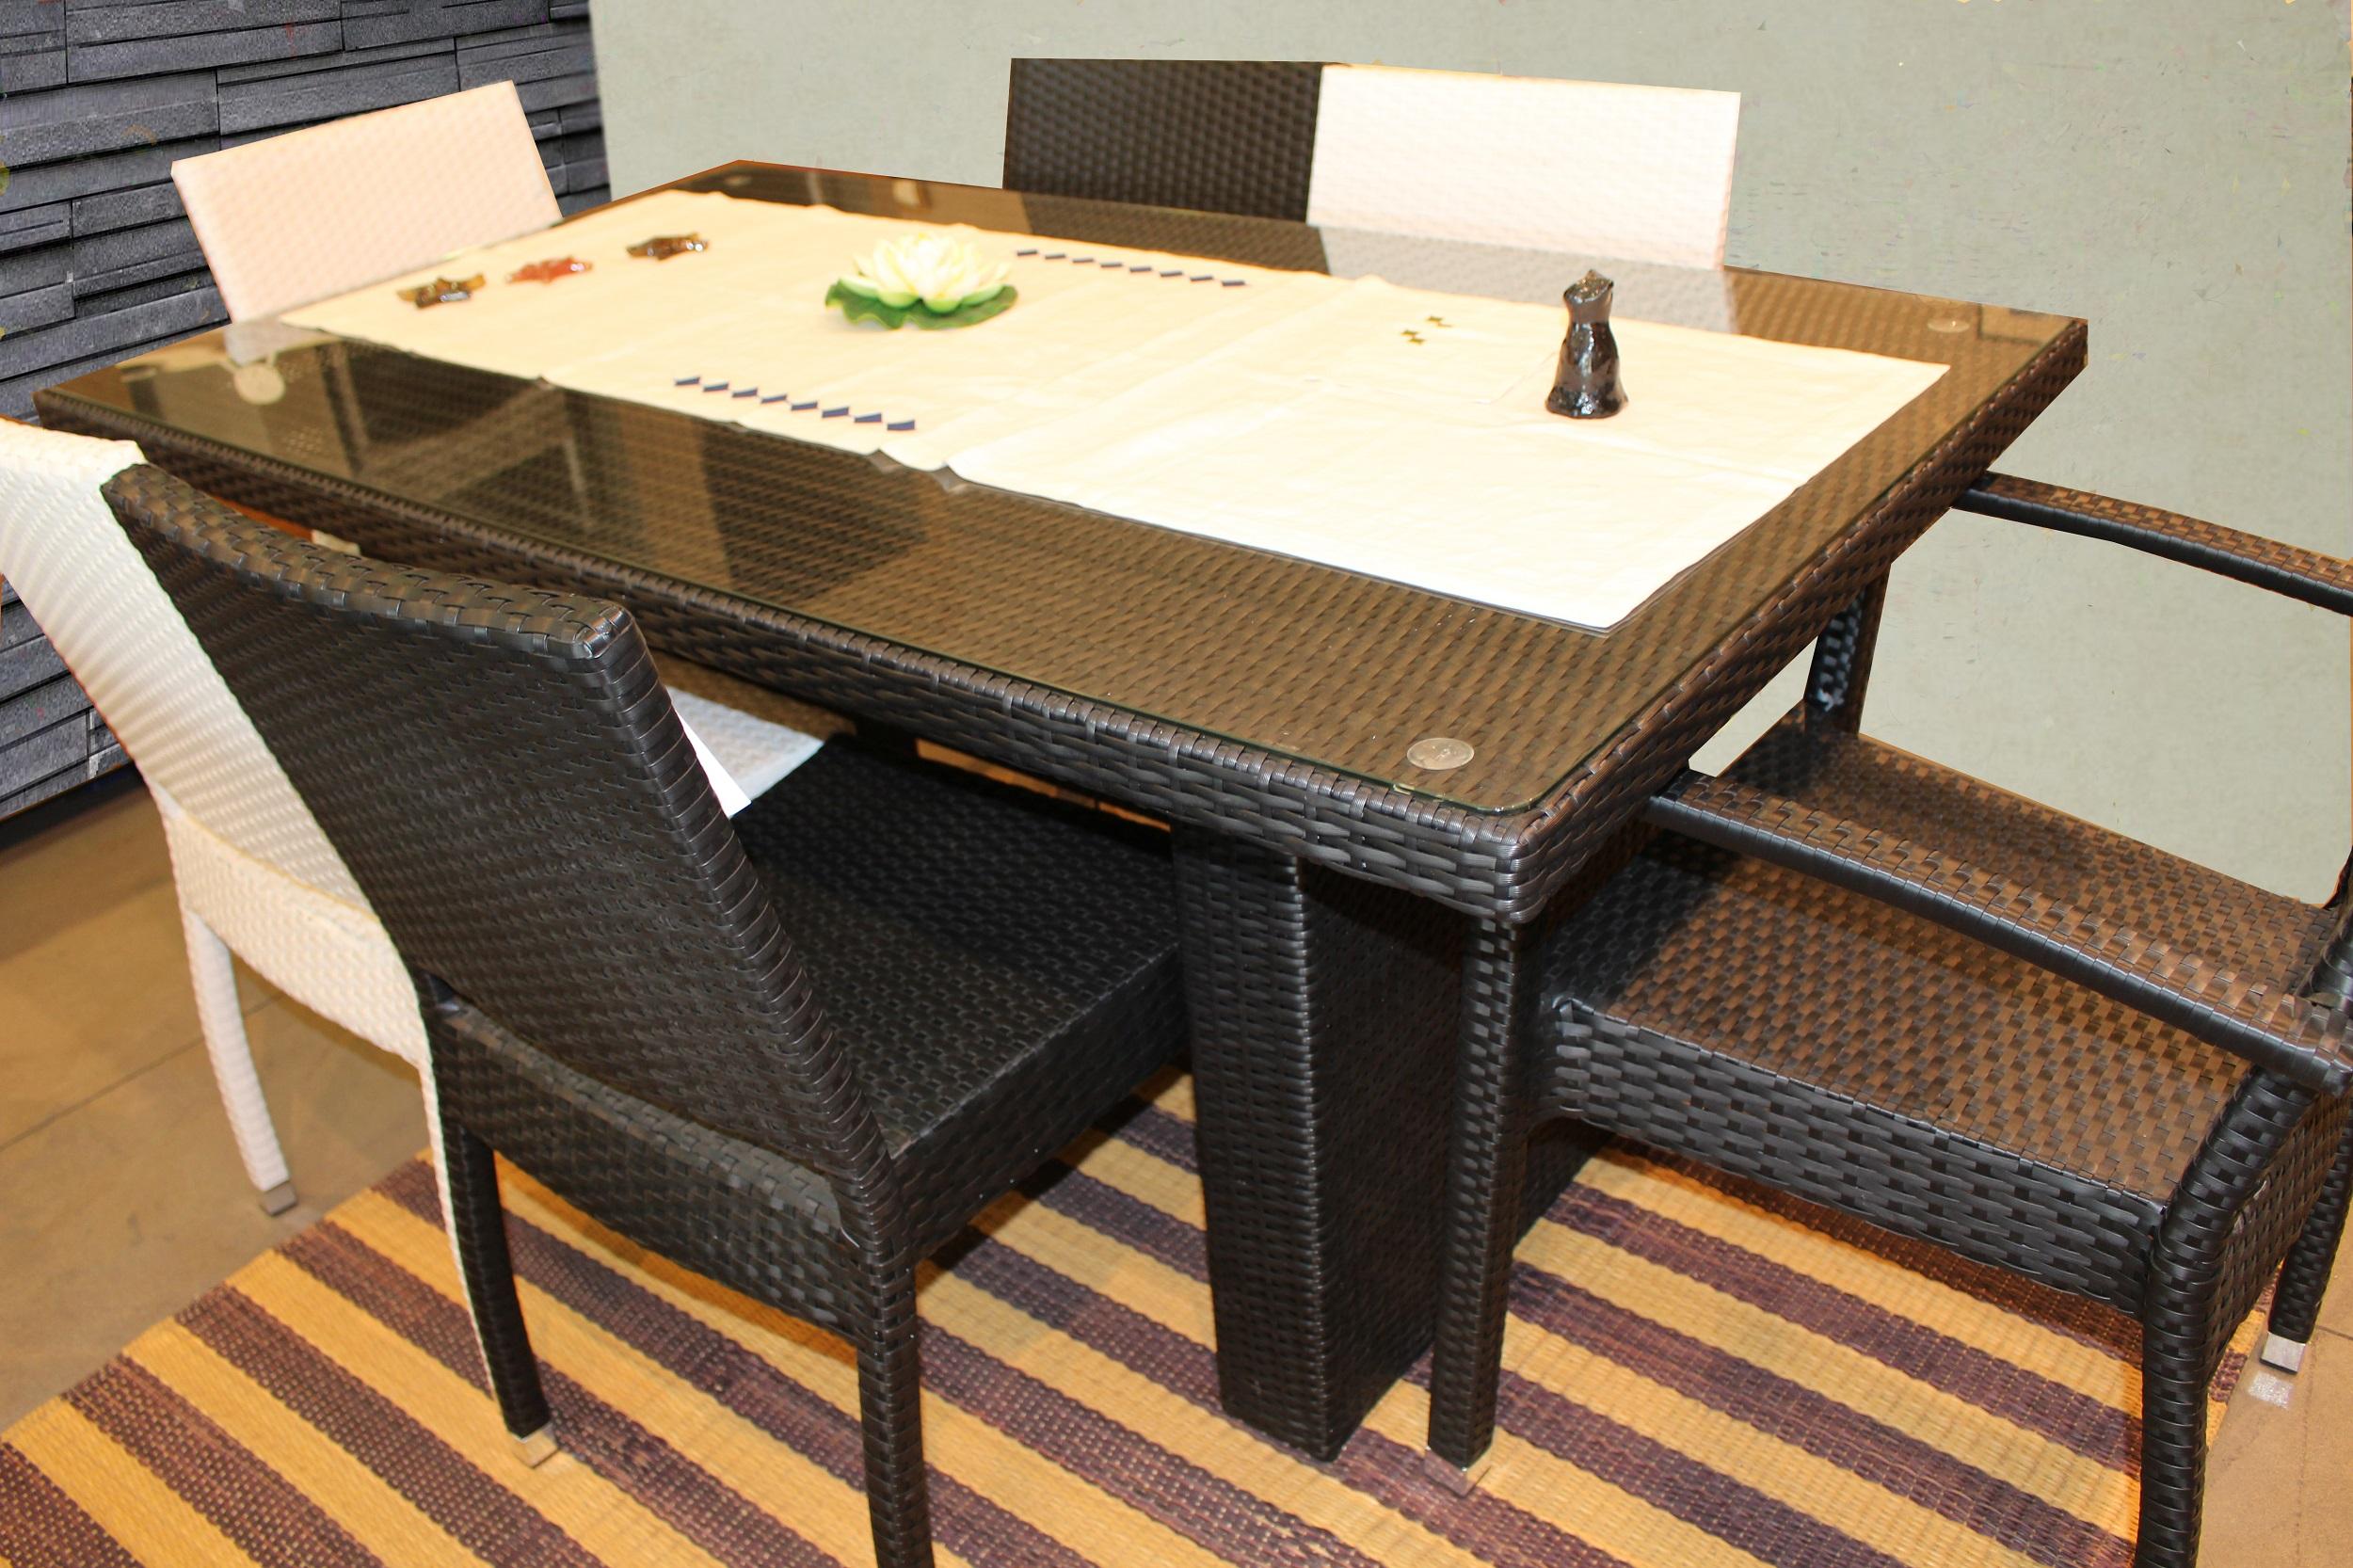 Table en fibre synth tique meubles et d coration tunisie for Meuble 5 etoiles tunisie ezzahra